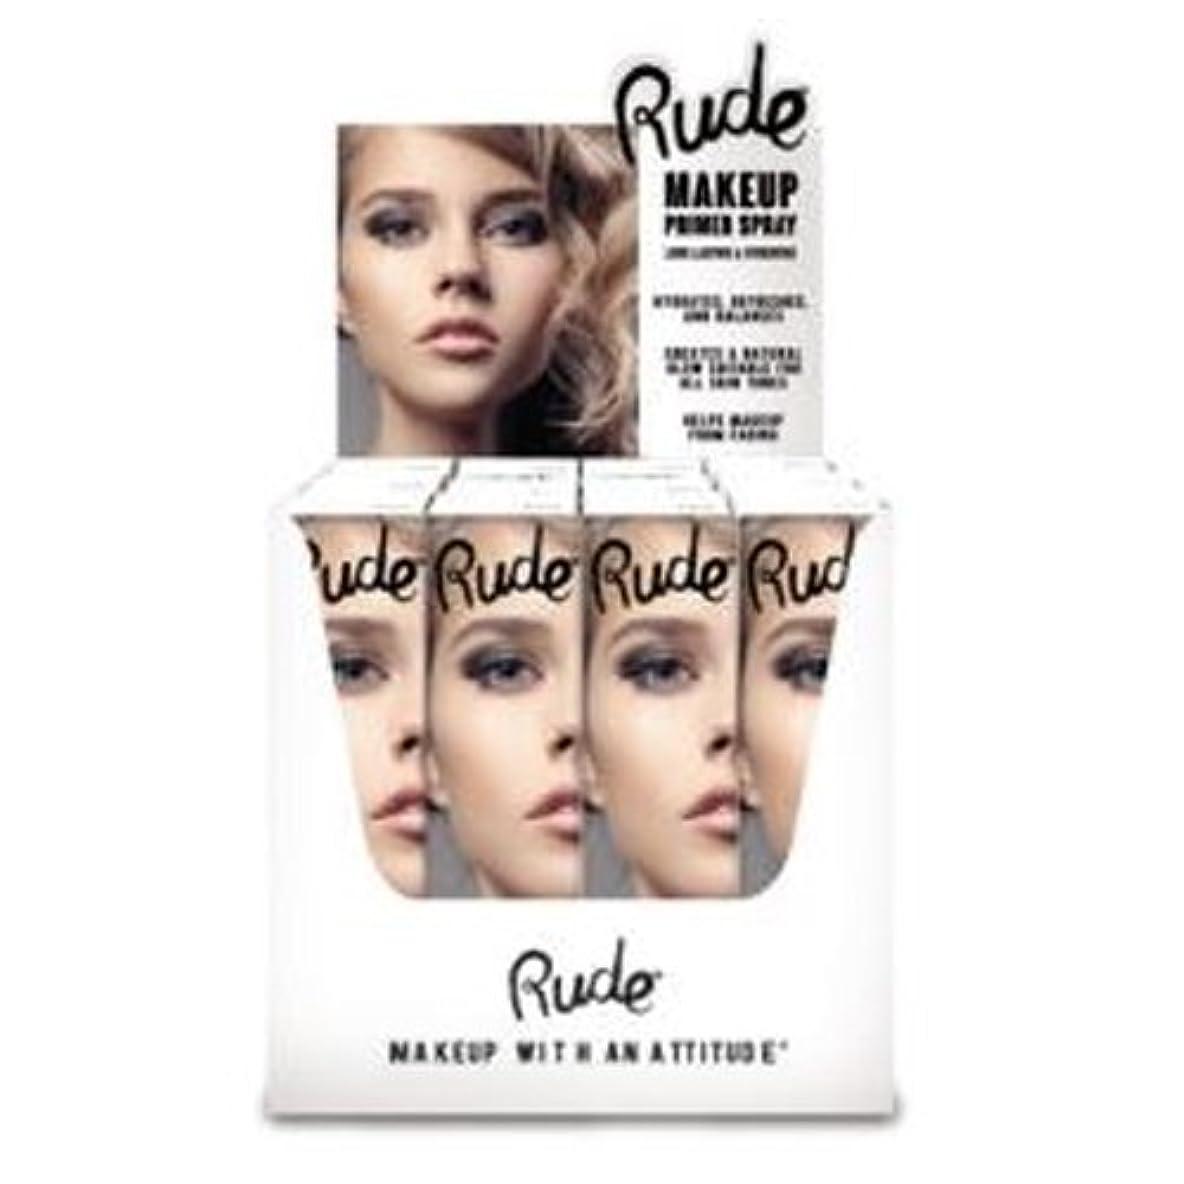 高揚した副産物郵便局RUDE Make Up Primer Spray Paper Display Set, 12 Pieces (並行輸入品)